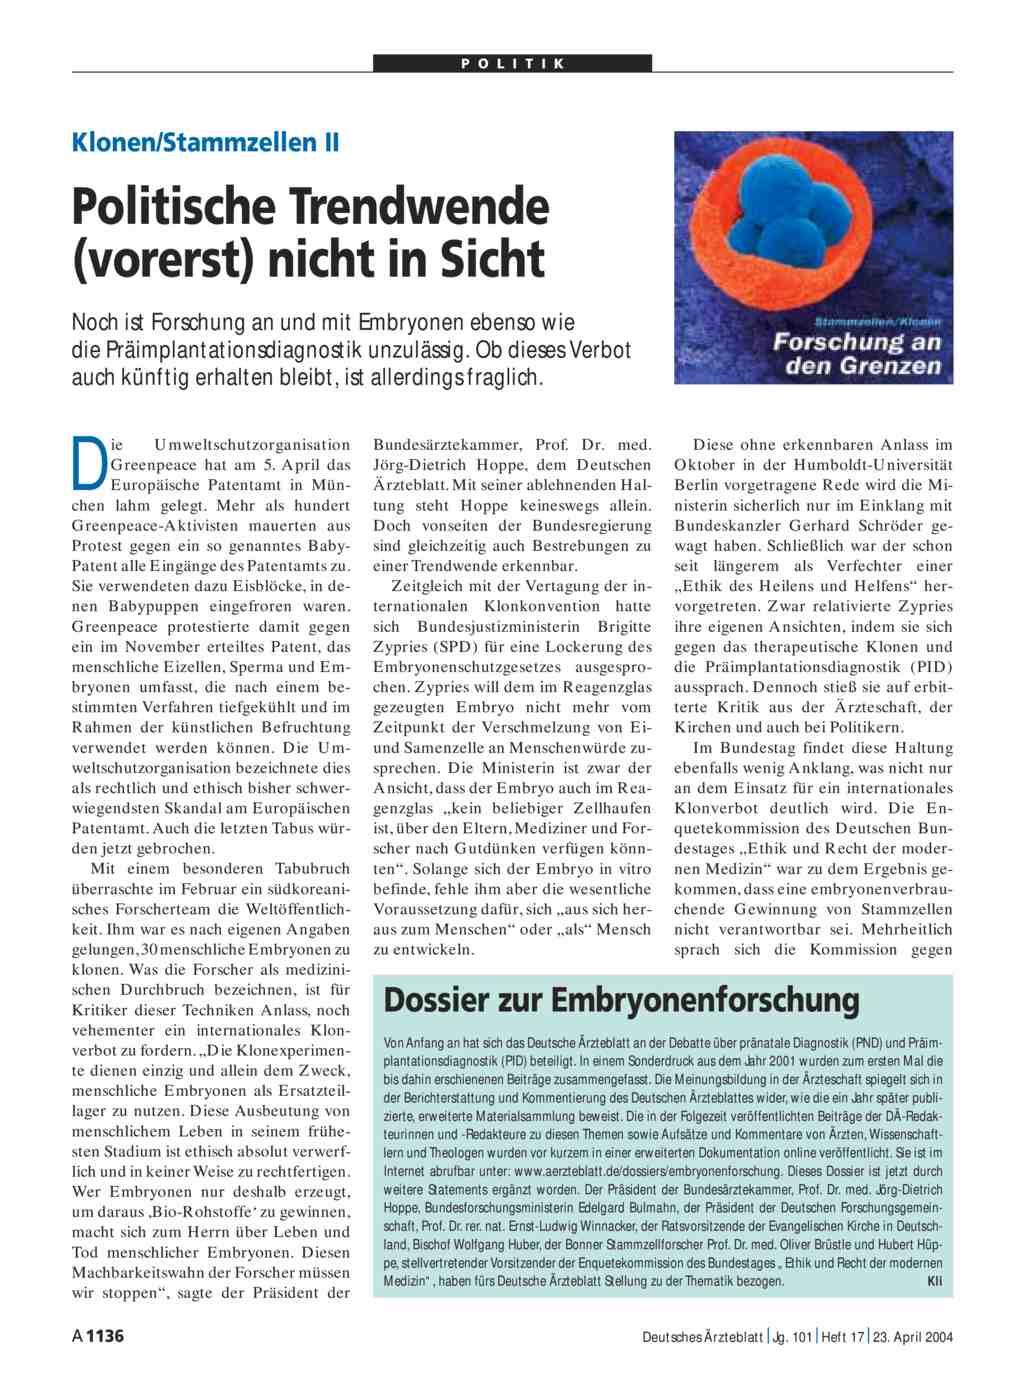 Klonen/Stammzellen II: Politische Trendwende (vorerst) nicht in Sicht